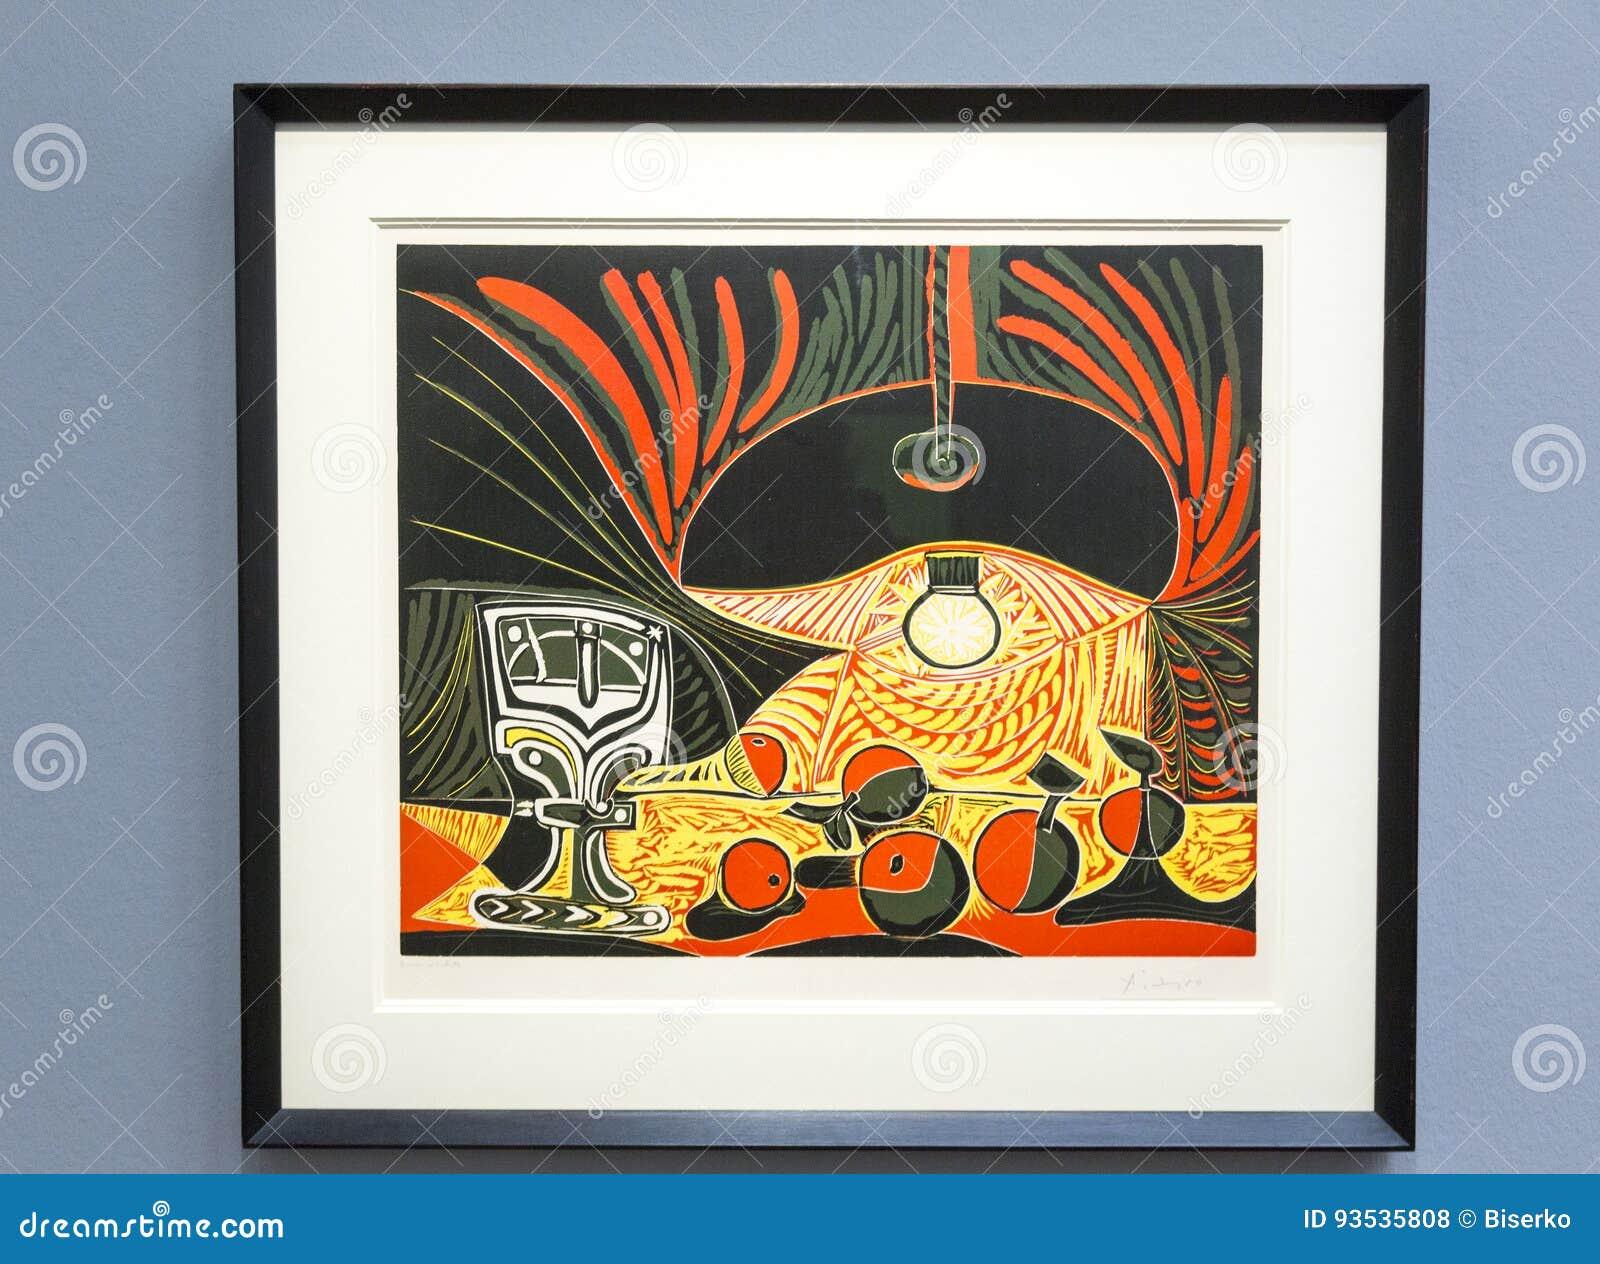 Pablo Picasso - At Albertina Museum In Vienna Editorial Stock Photo ... e4166a447e70